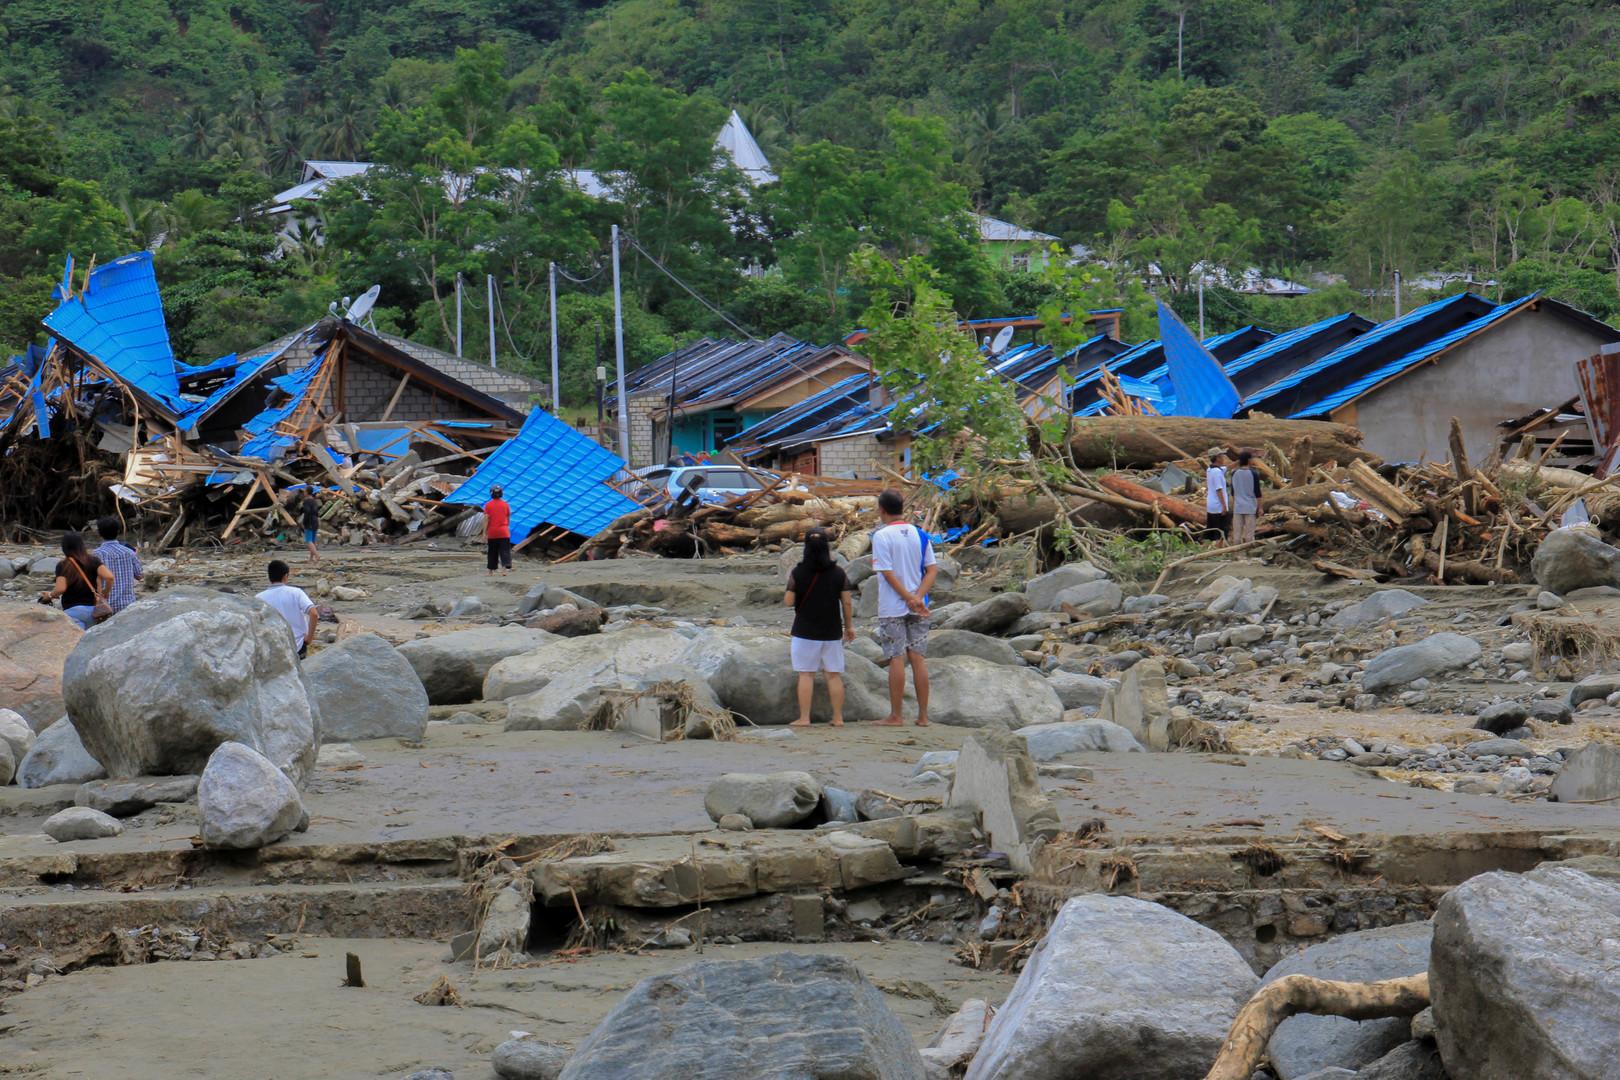 10 قتلى وآلاف المشردين جراء فيضانات في إندونيسيا